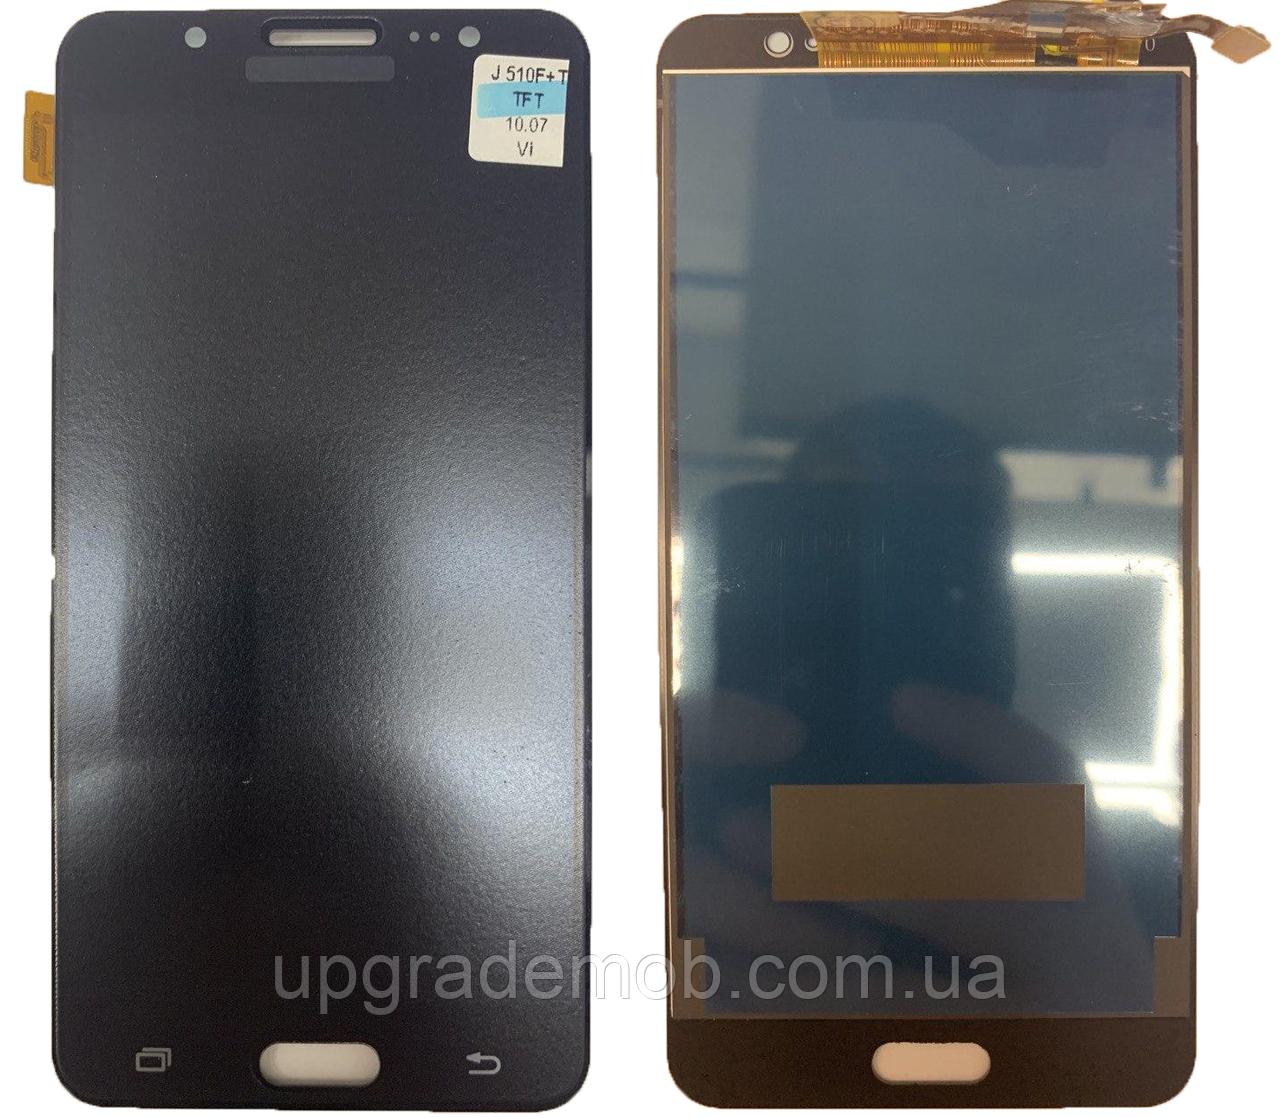 Дисплей Samsung J510H Galaxy J5 2016 тачскрин модуль черный TFT